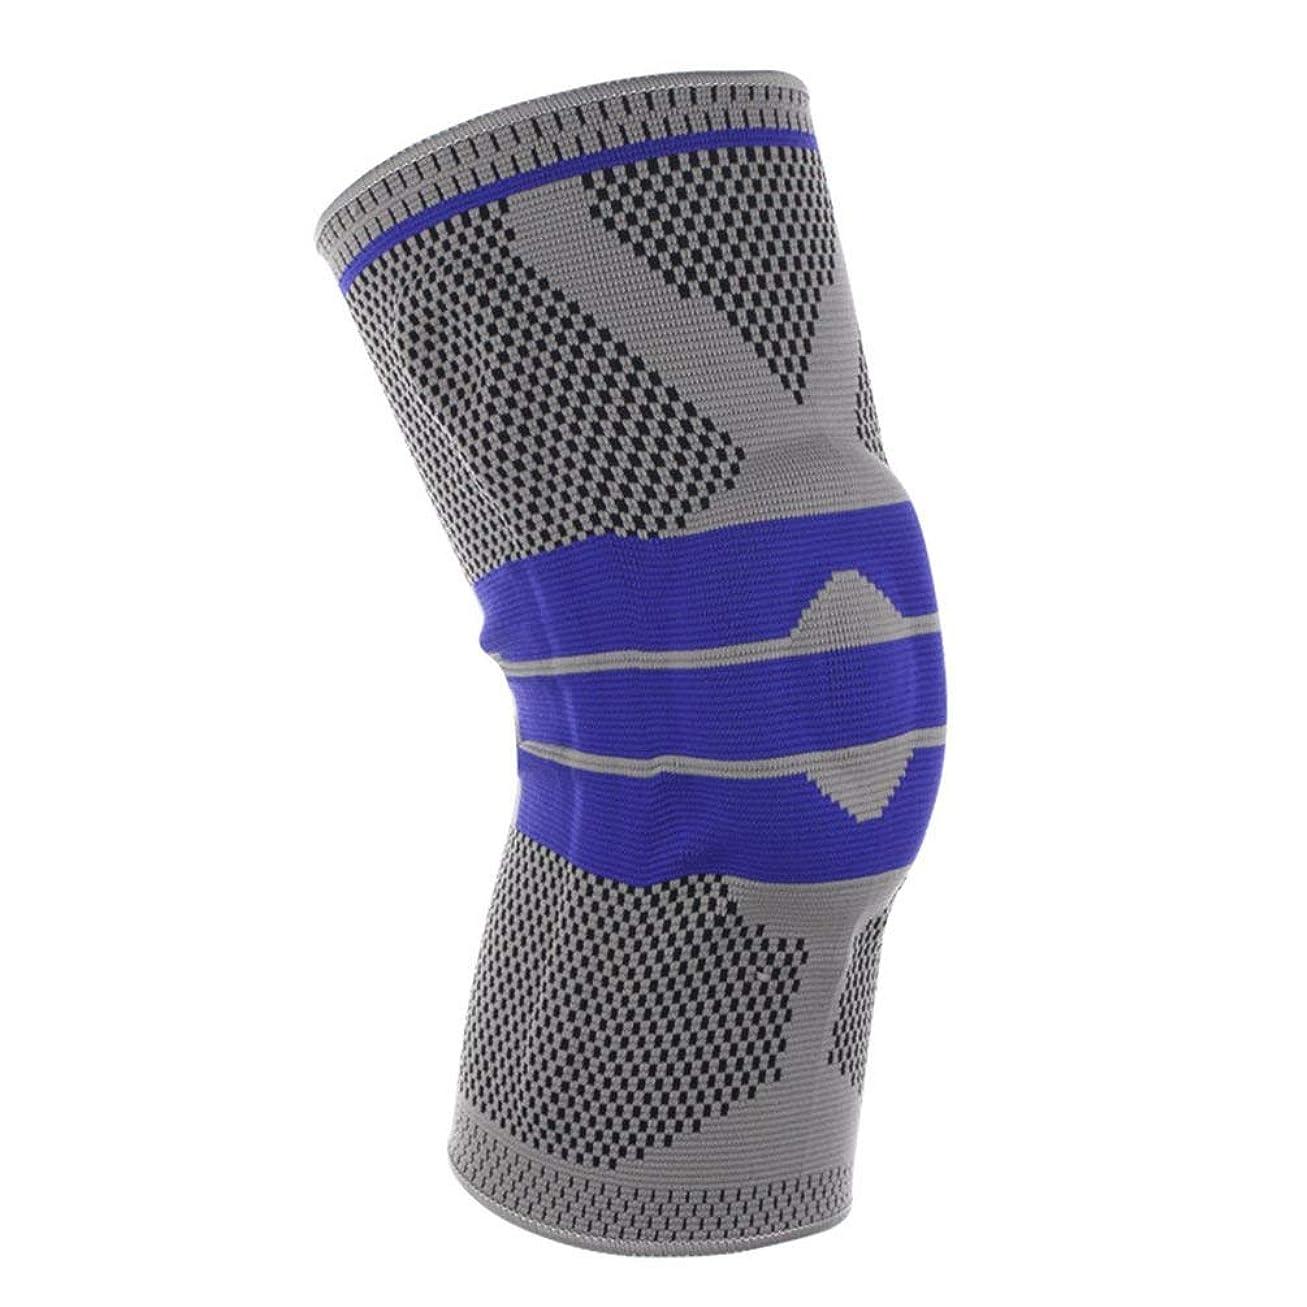 危険なピットしてはいけないフル膝プロテクター秋冬フルシーズン弾性通気性膝パッドレリーフ防止スポーツ膝サポートブレース - グレーL